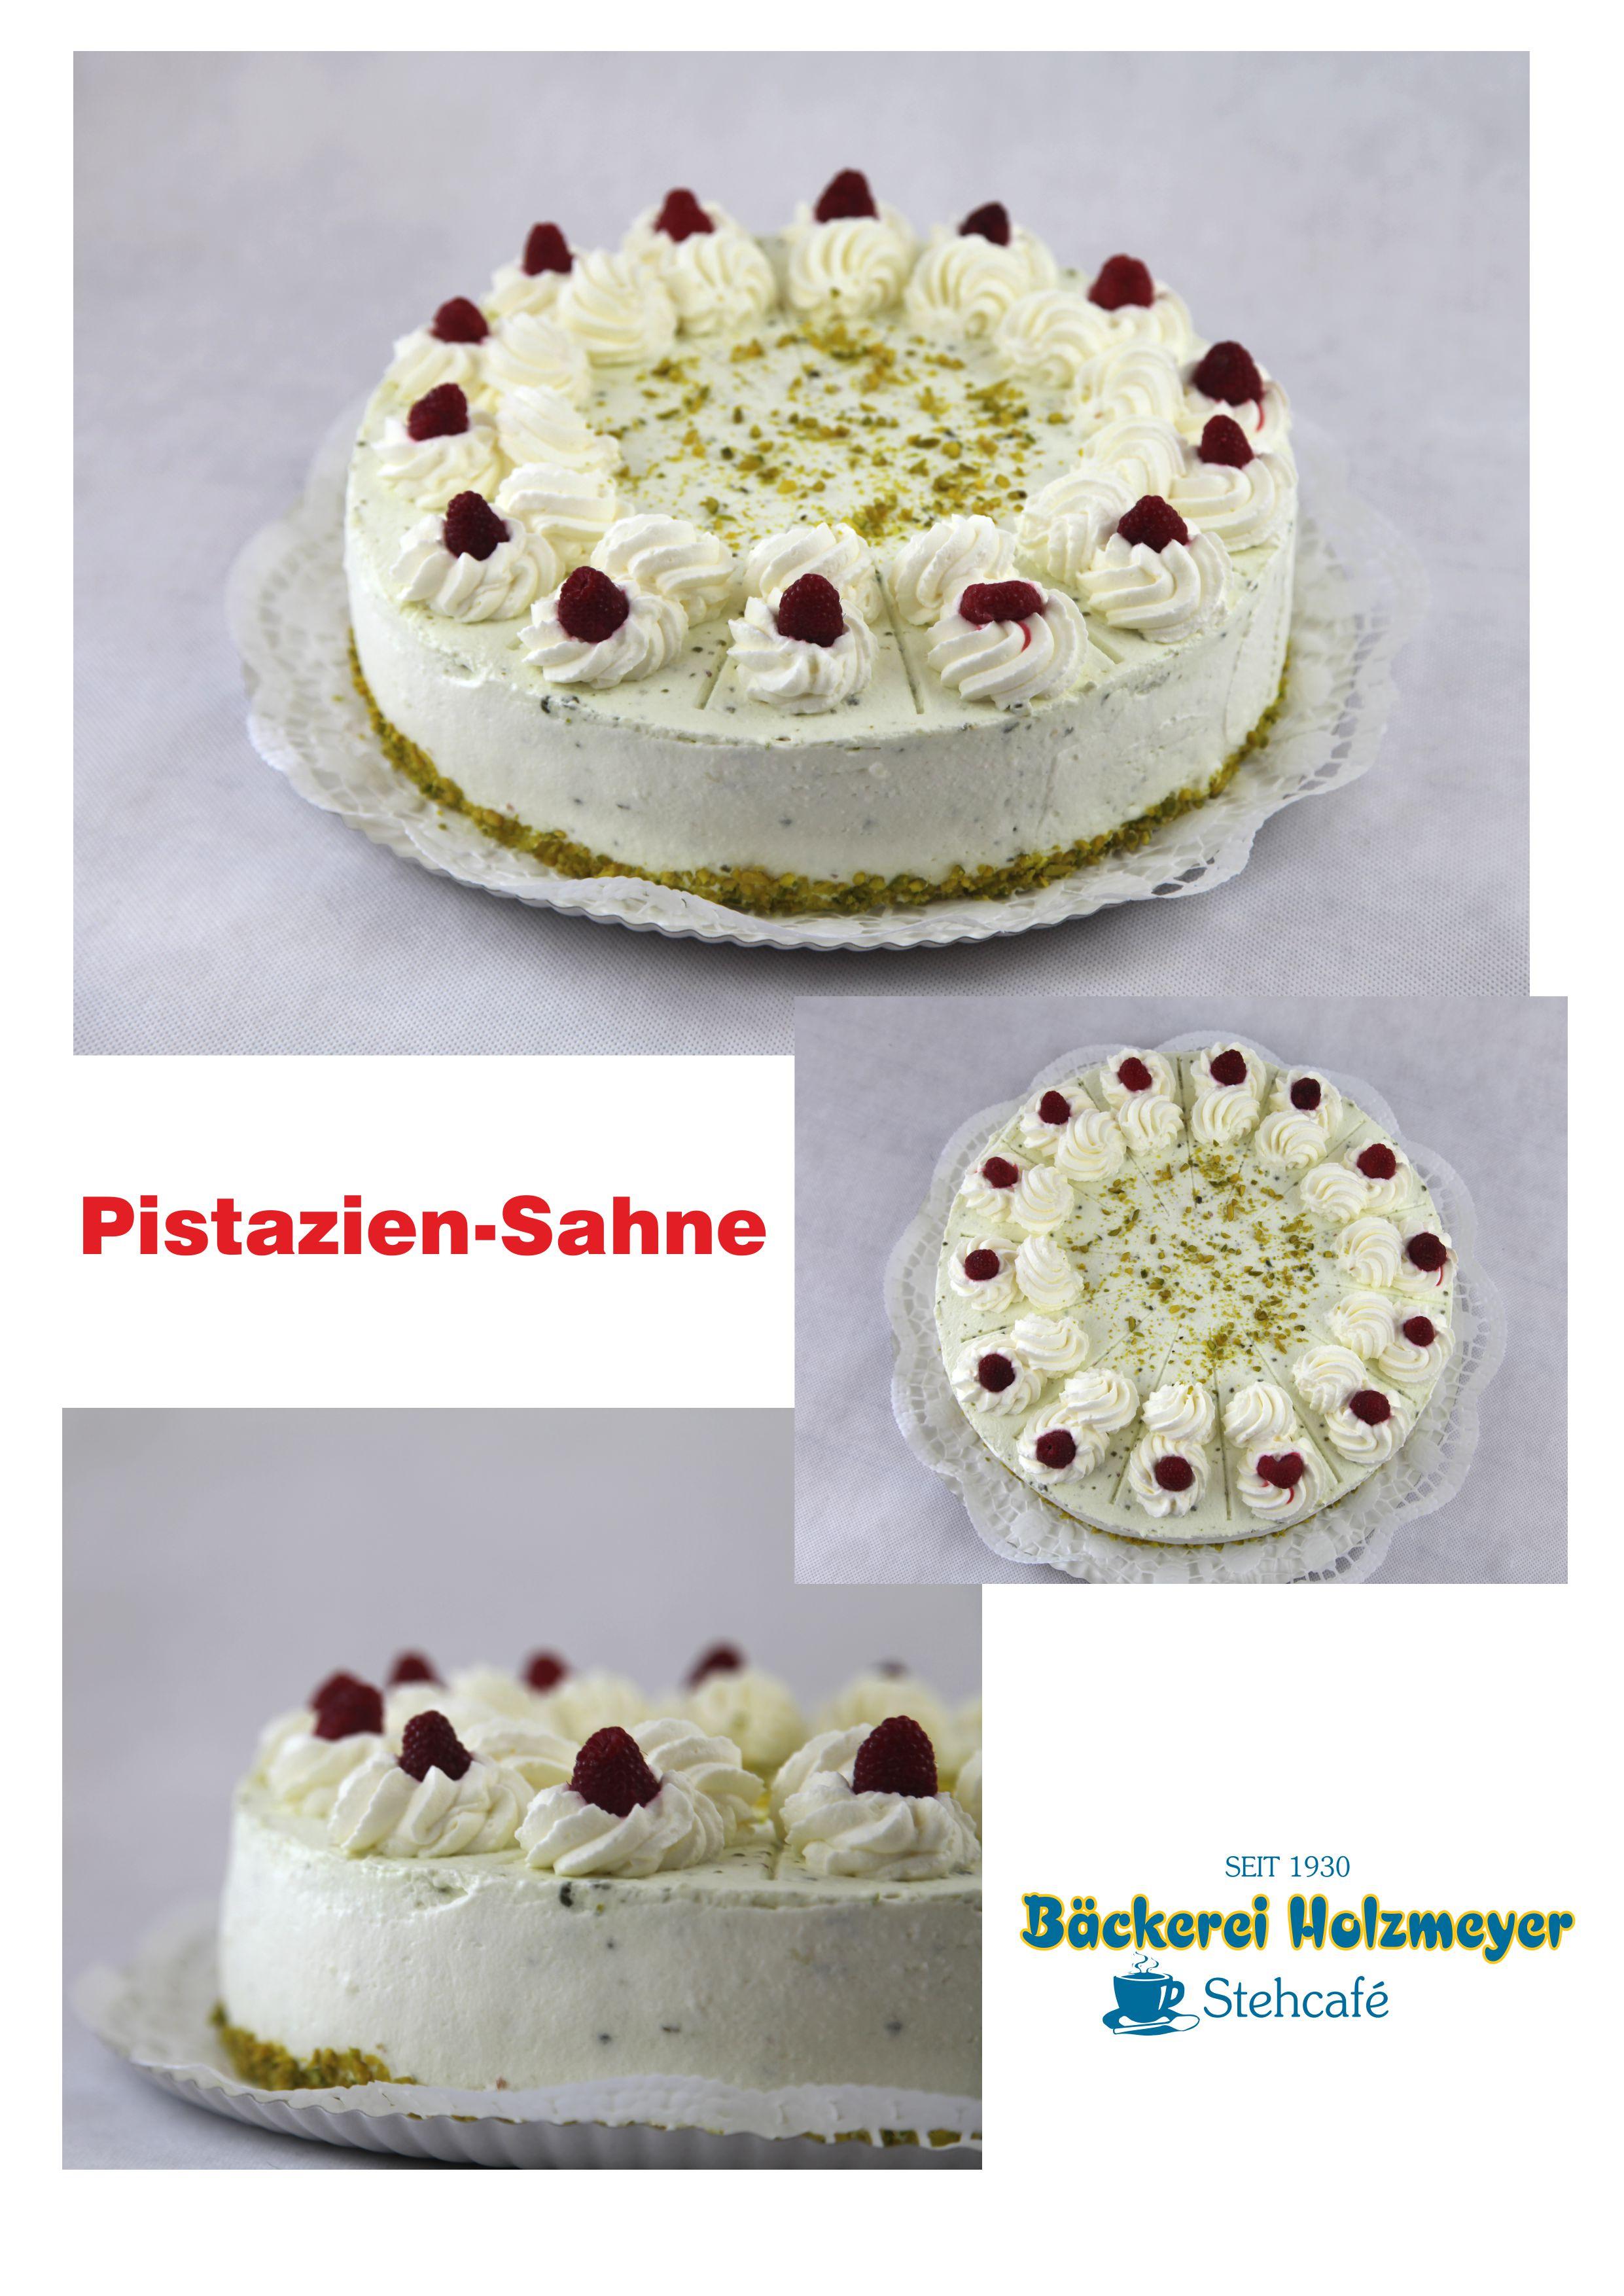 Pistazien-Sahne